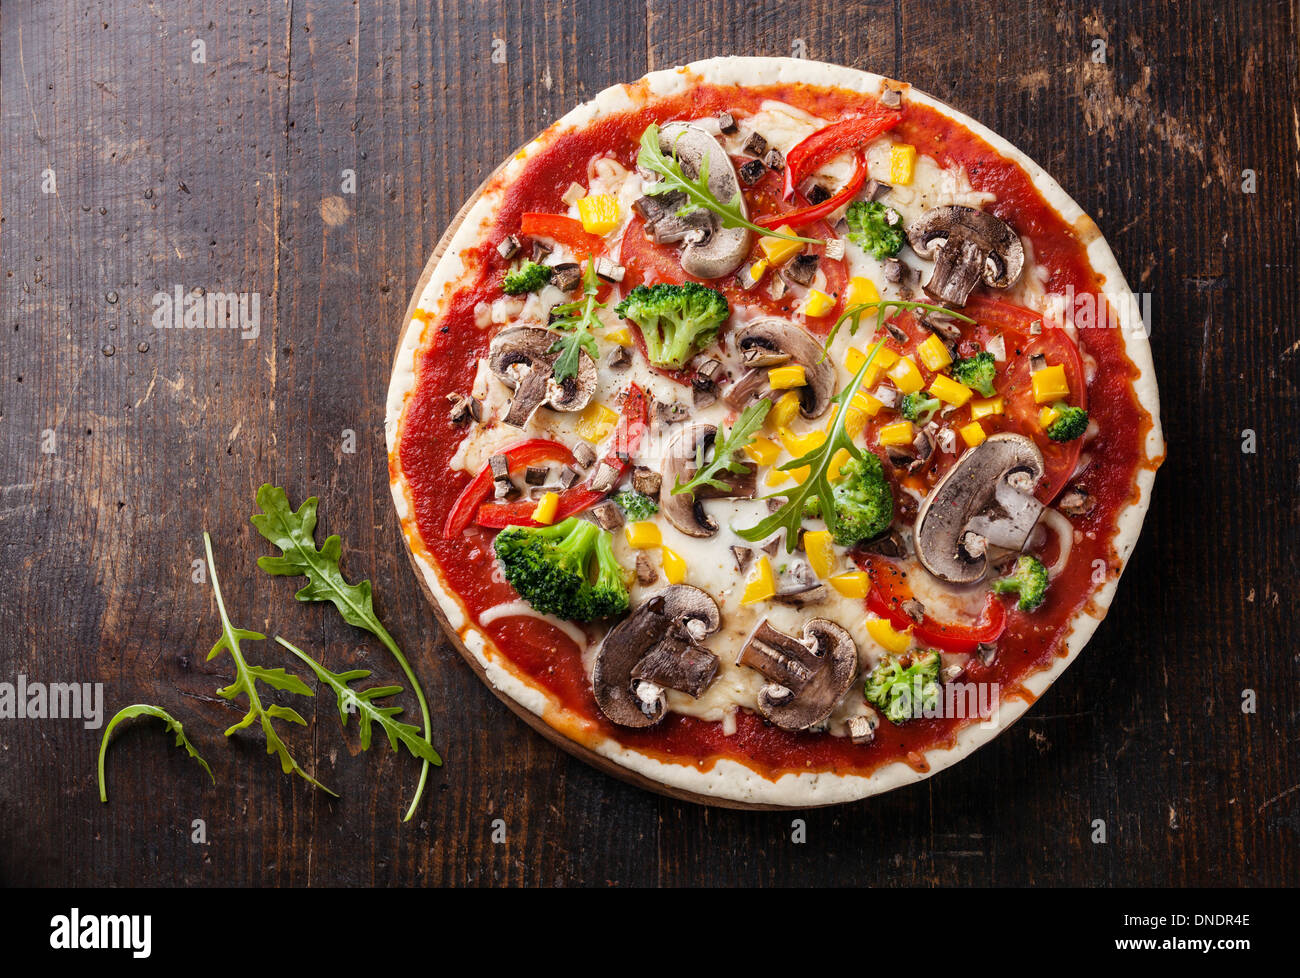 Pizza vegetariana con setas y rucola sobre mesa de madera Imagen De Stock